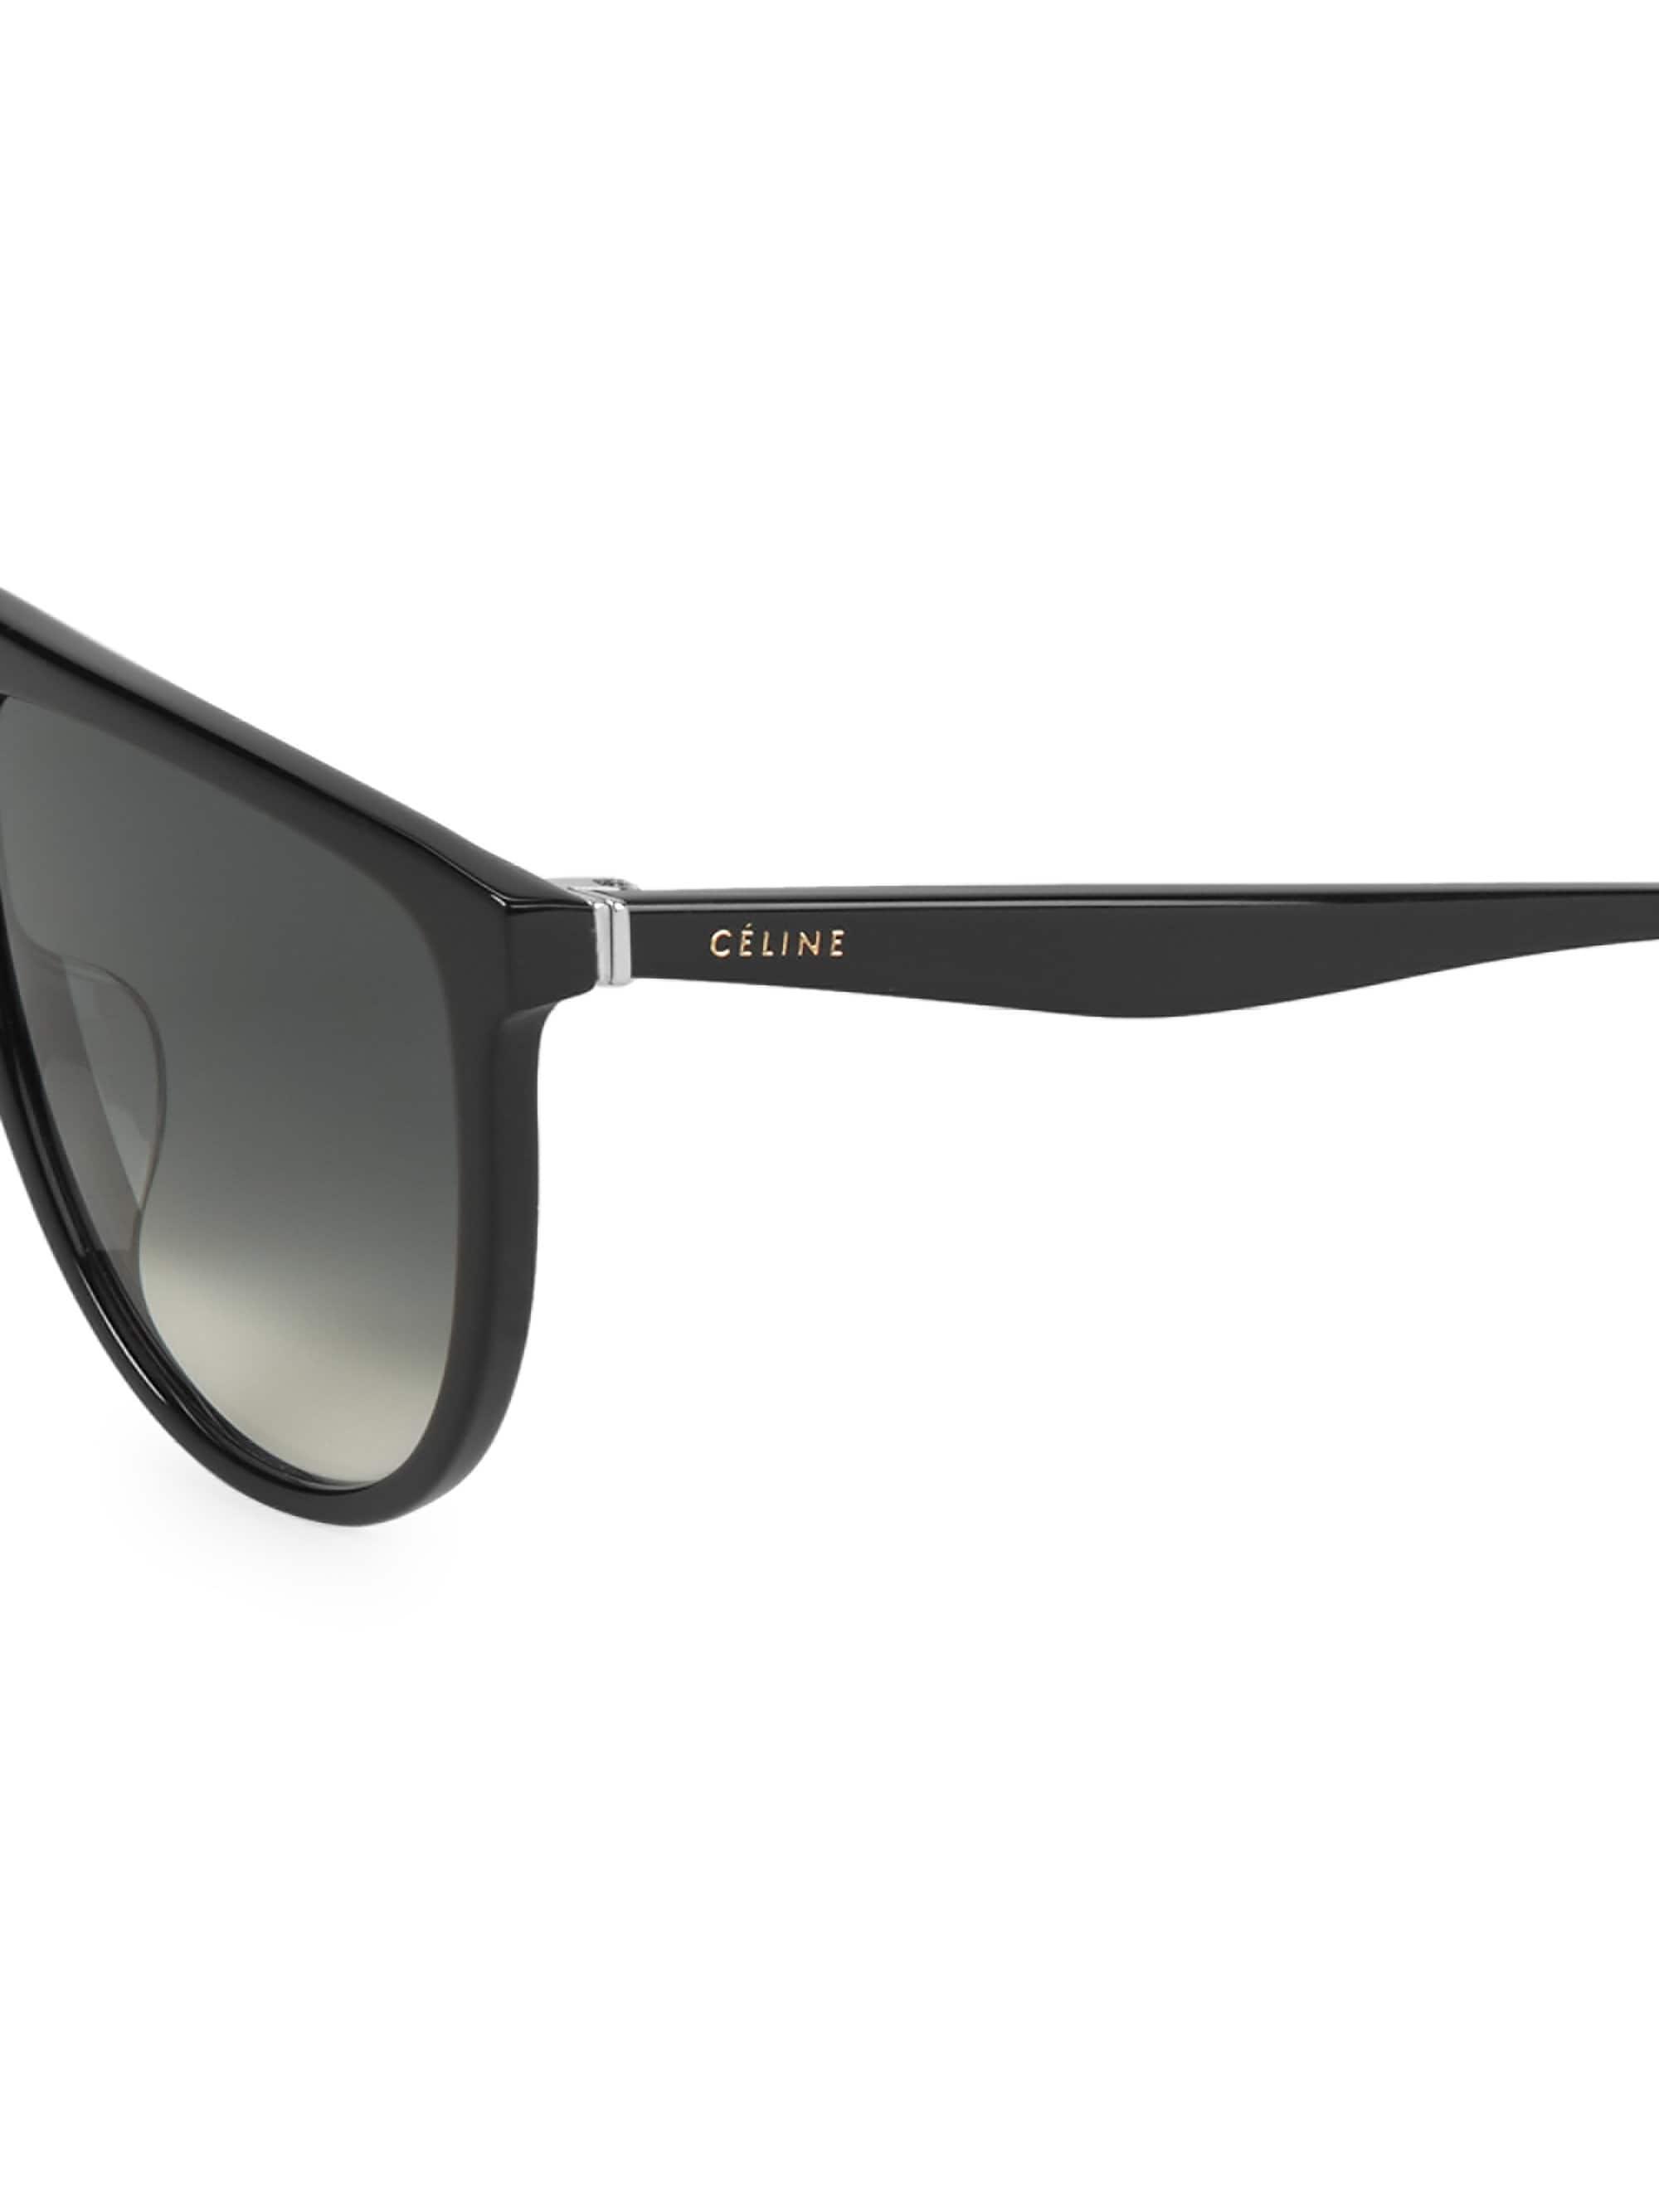 1af034e589 ... CELINE Source · C line 62mm Flat Top Pilot Sunglasses in Black for Men  Lyst